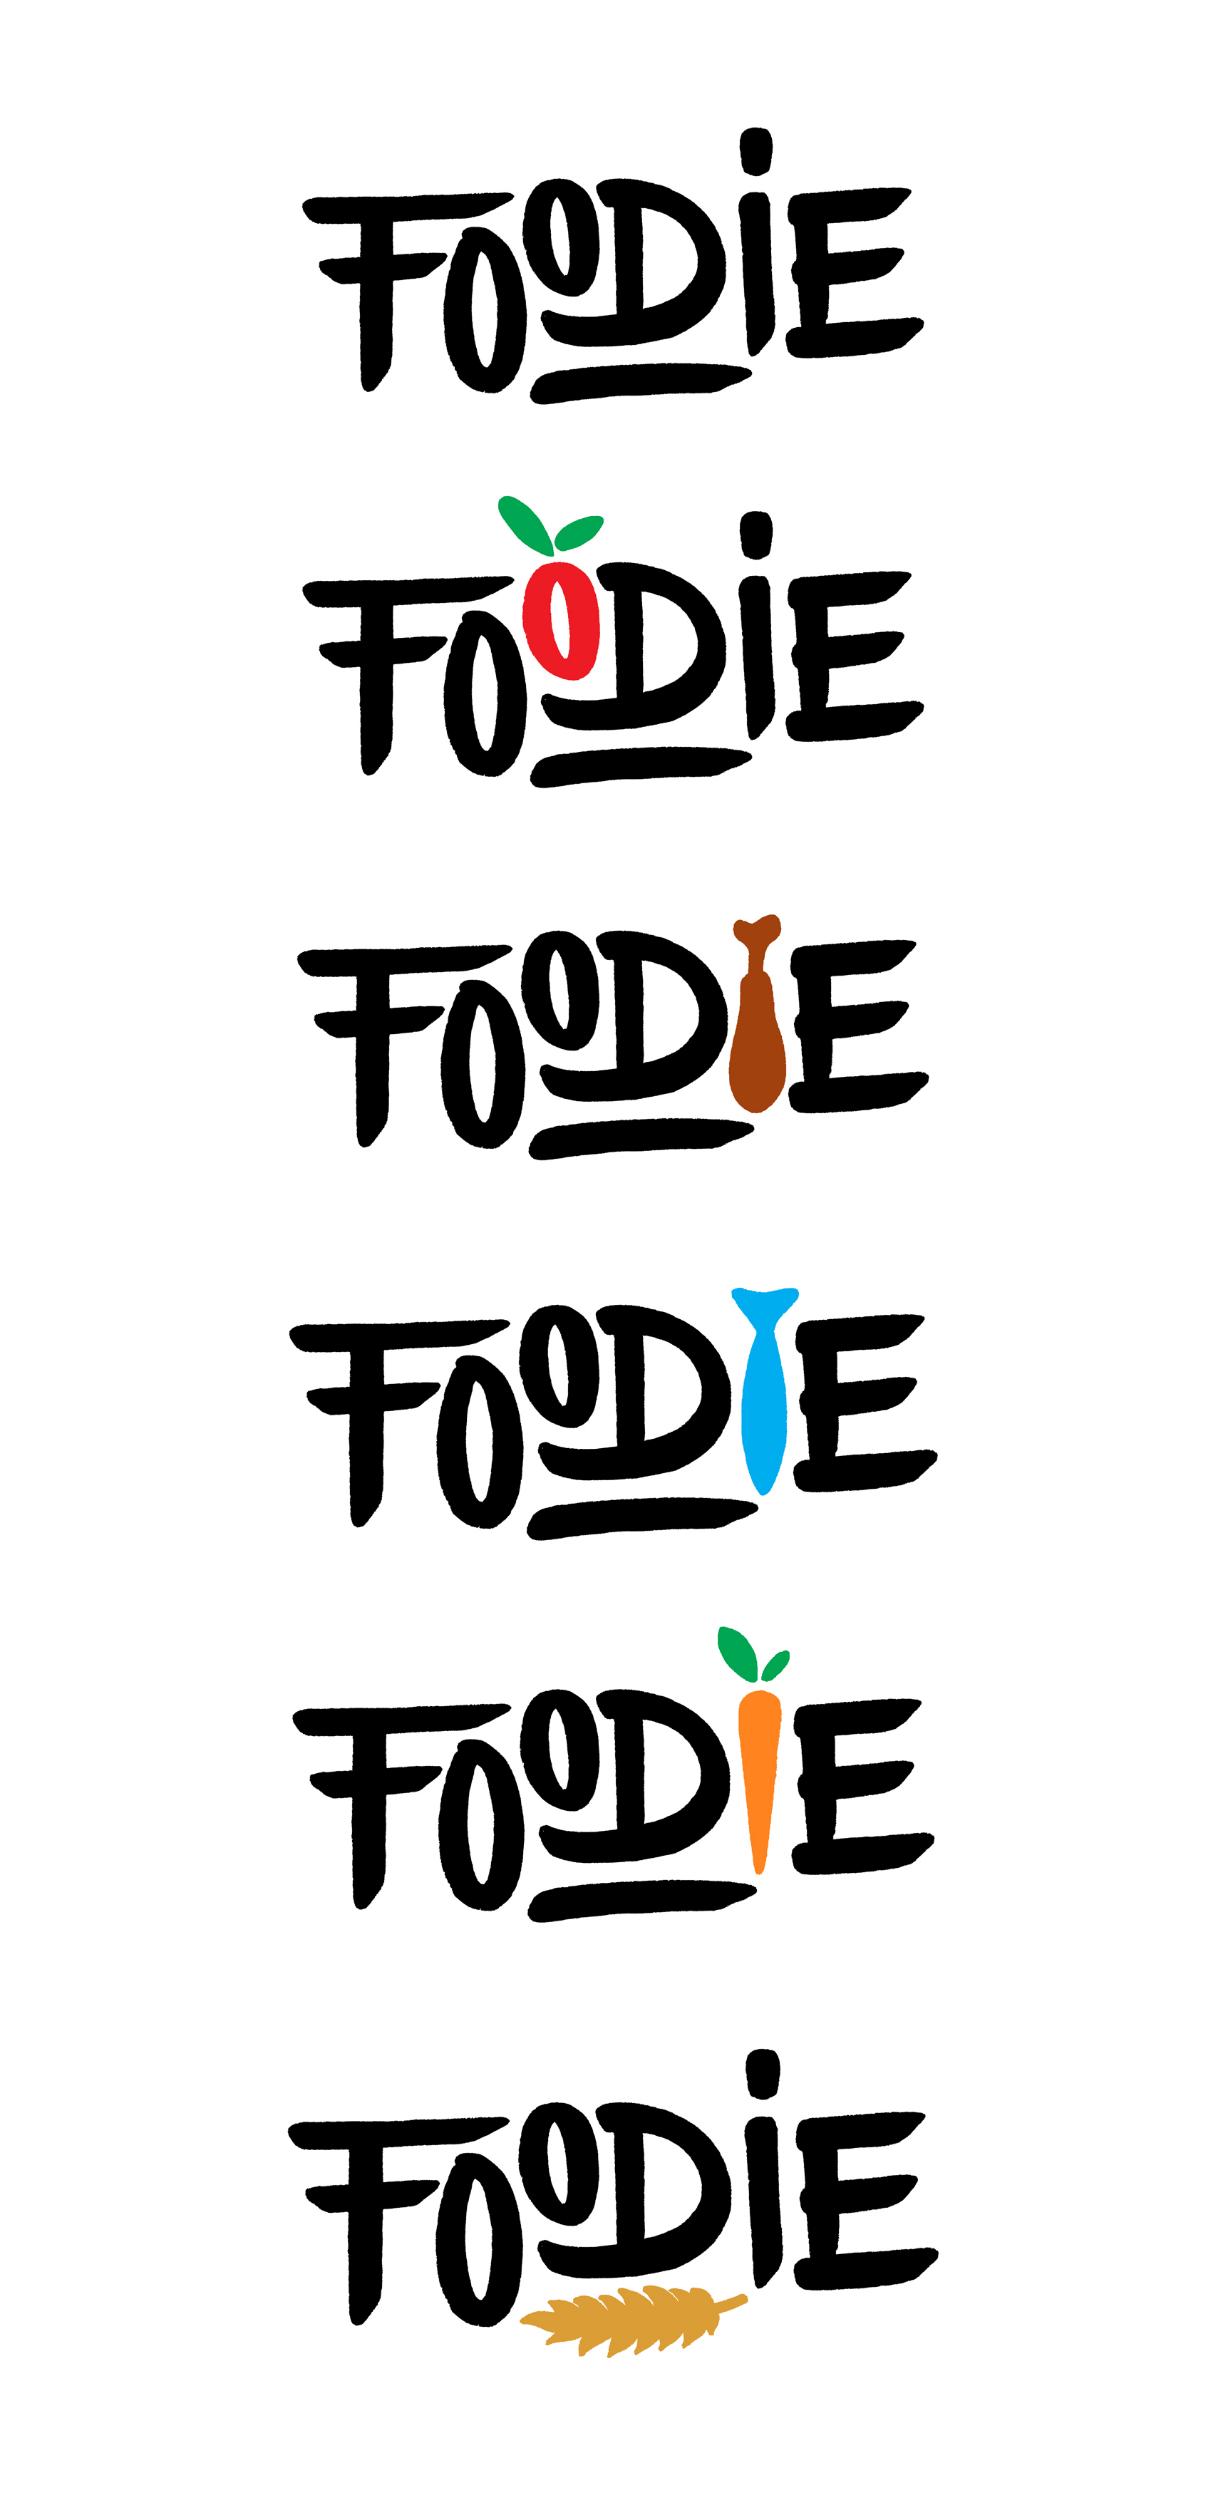 Foodie_Lettering_02_Cores.jpg